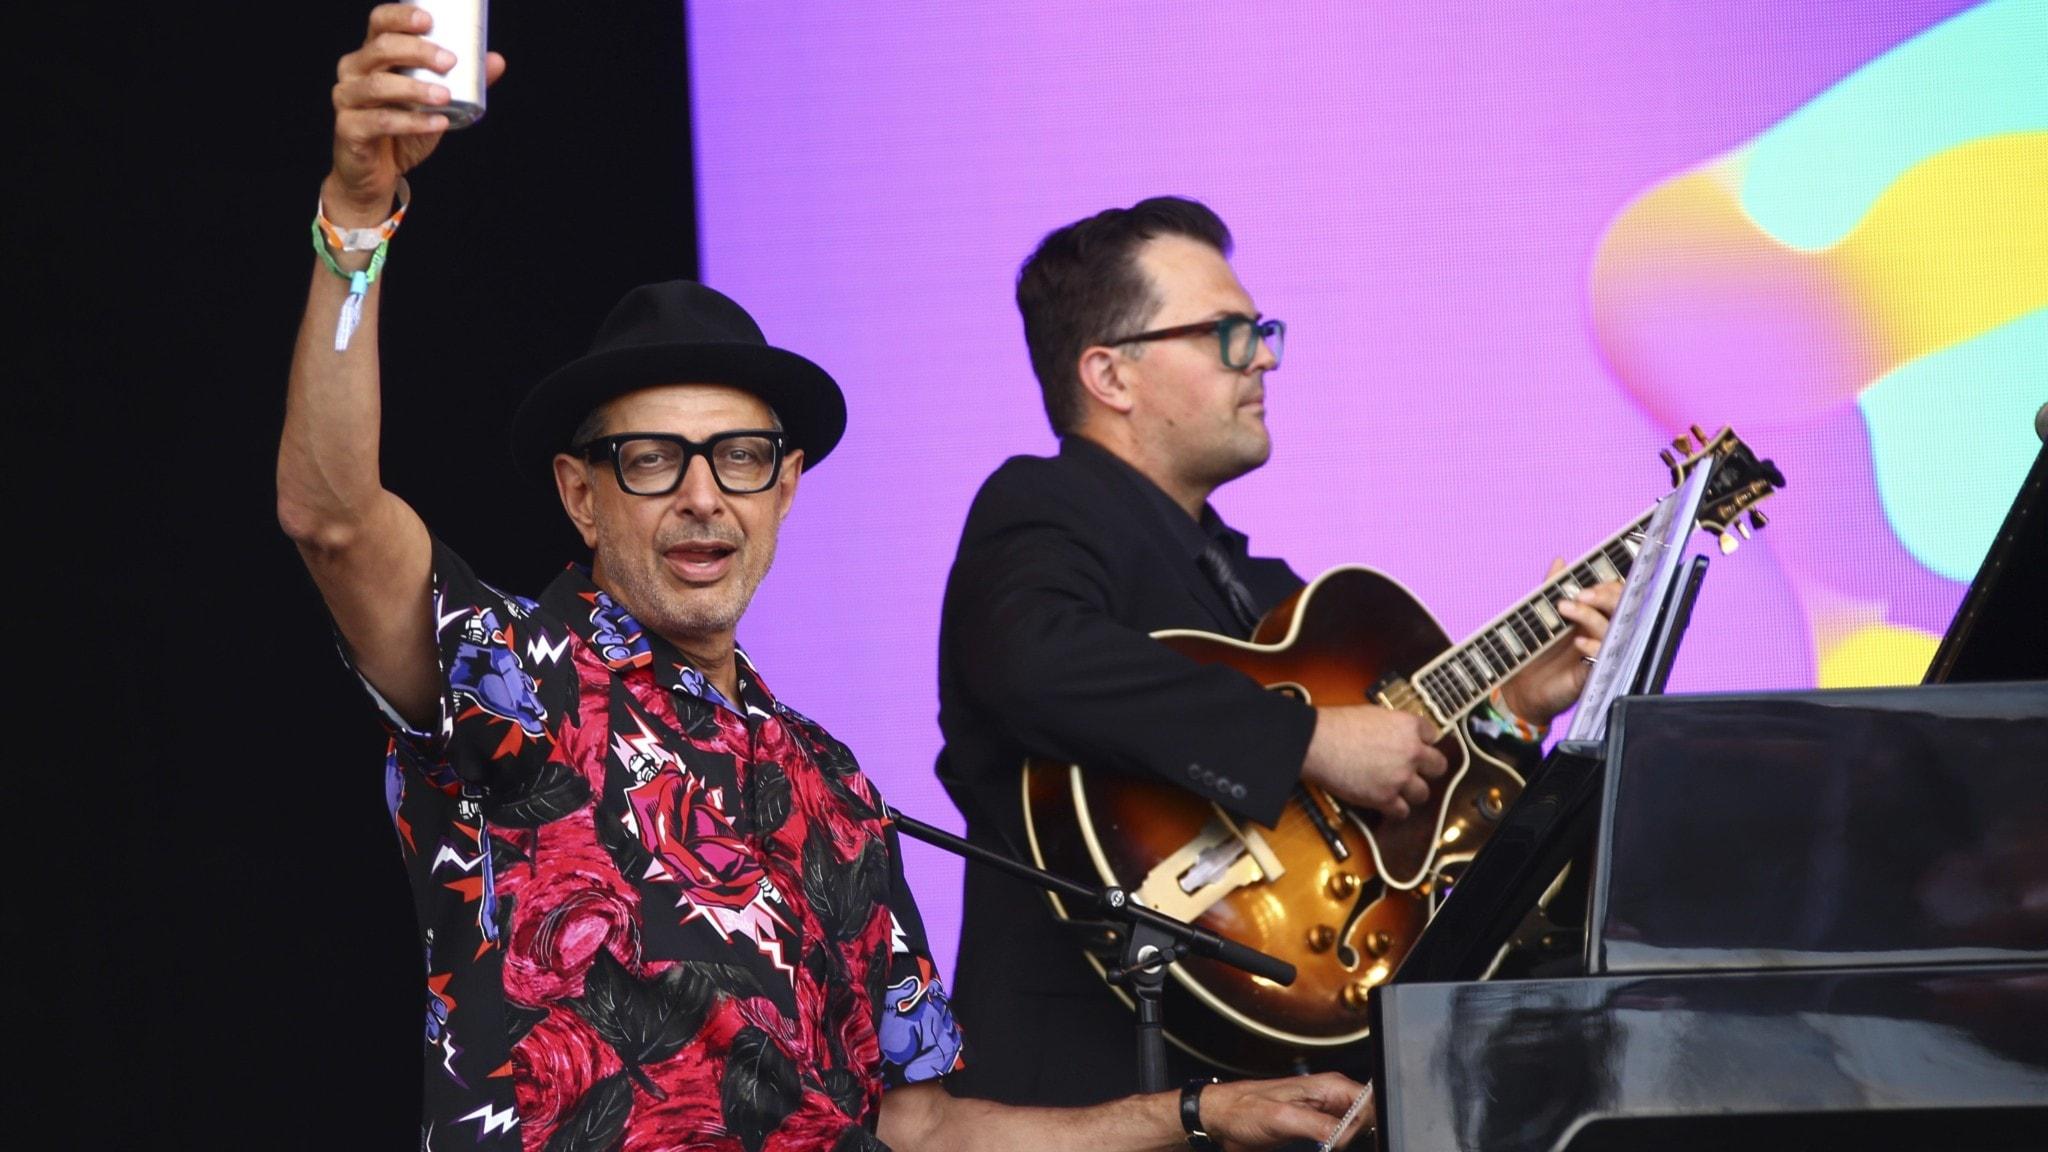 Skådespelaren och pianisten Jeff Goldblum sitter bakom flygeln och höjer en aluminiumburk mot publiken. I bakgrunden en gitarrist.